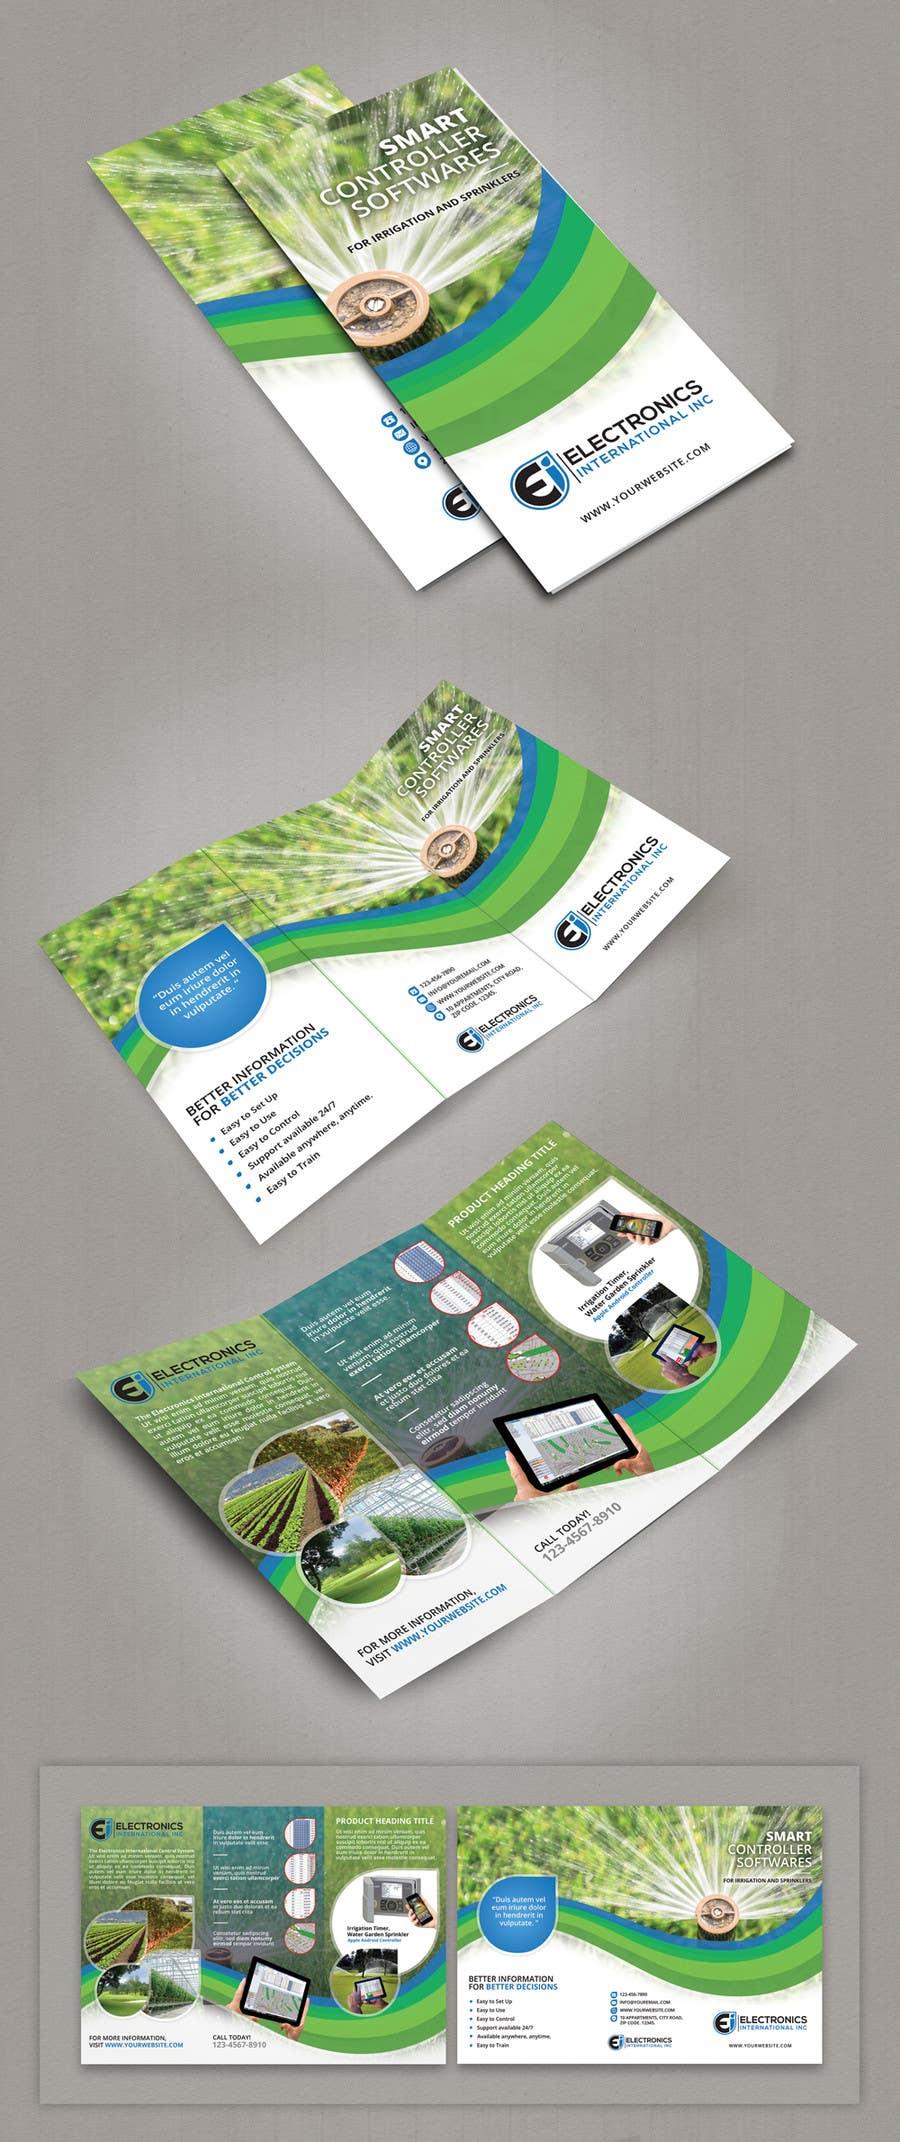 Kilpailutyö #13 kilpailussa Tri Fold Brochure Design